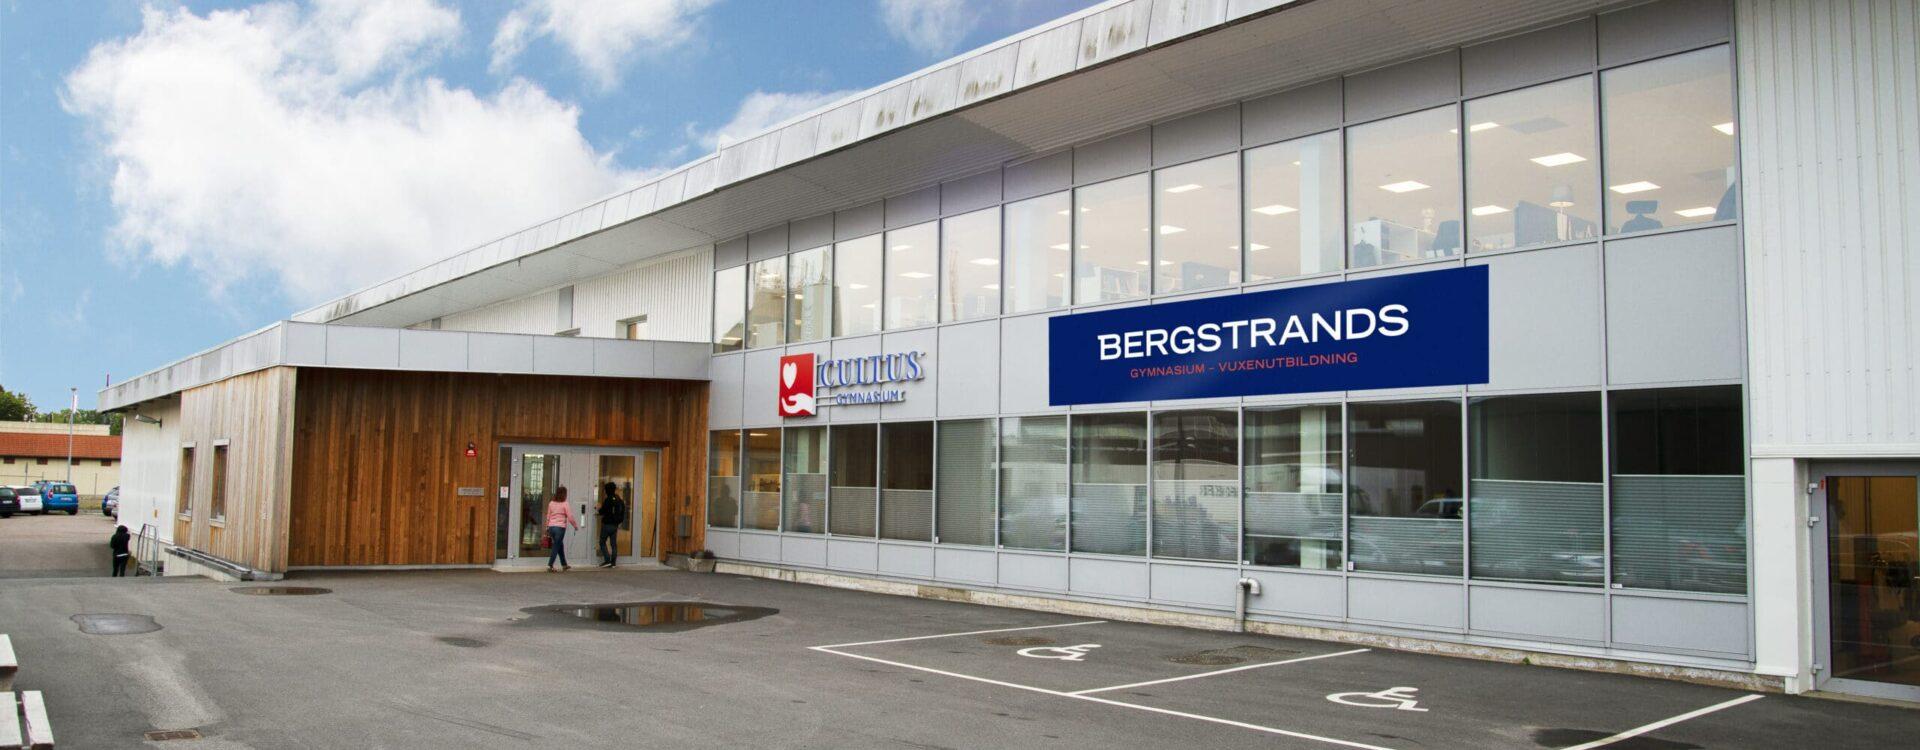 Bergstrands utbildningar Uppsala